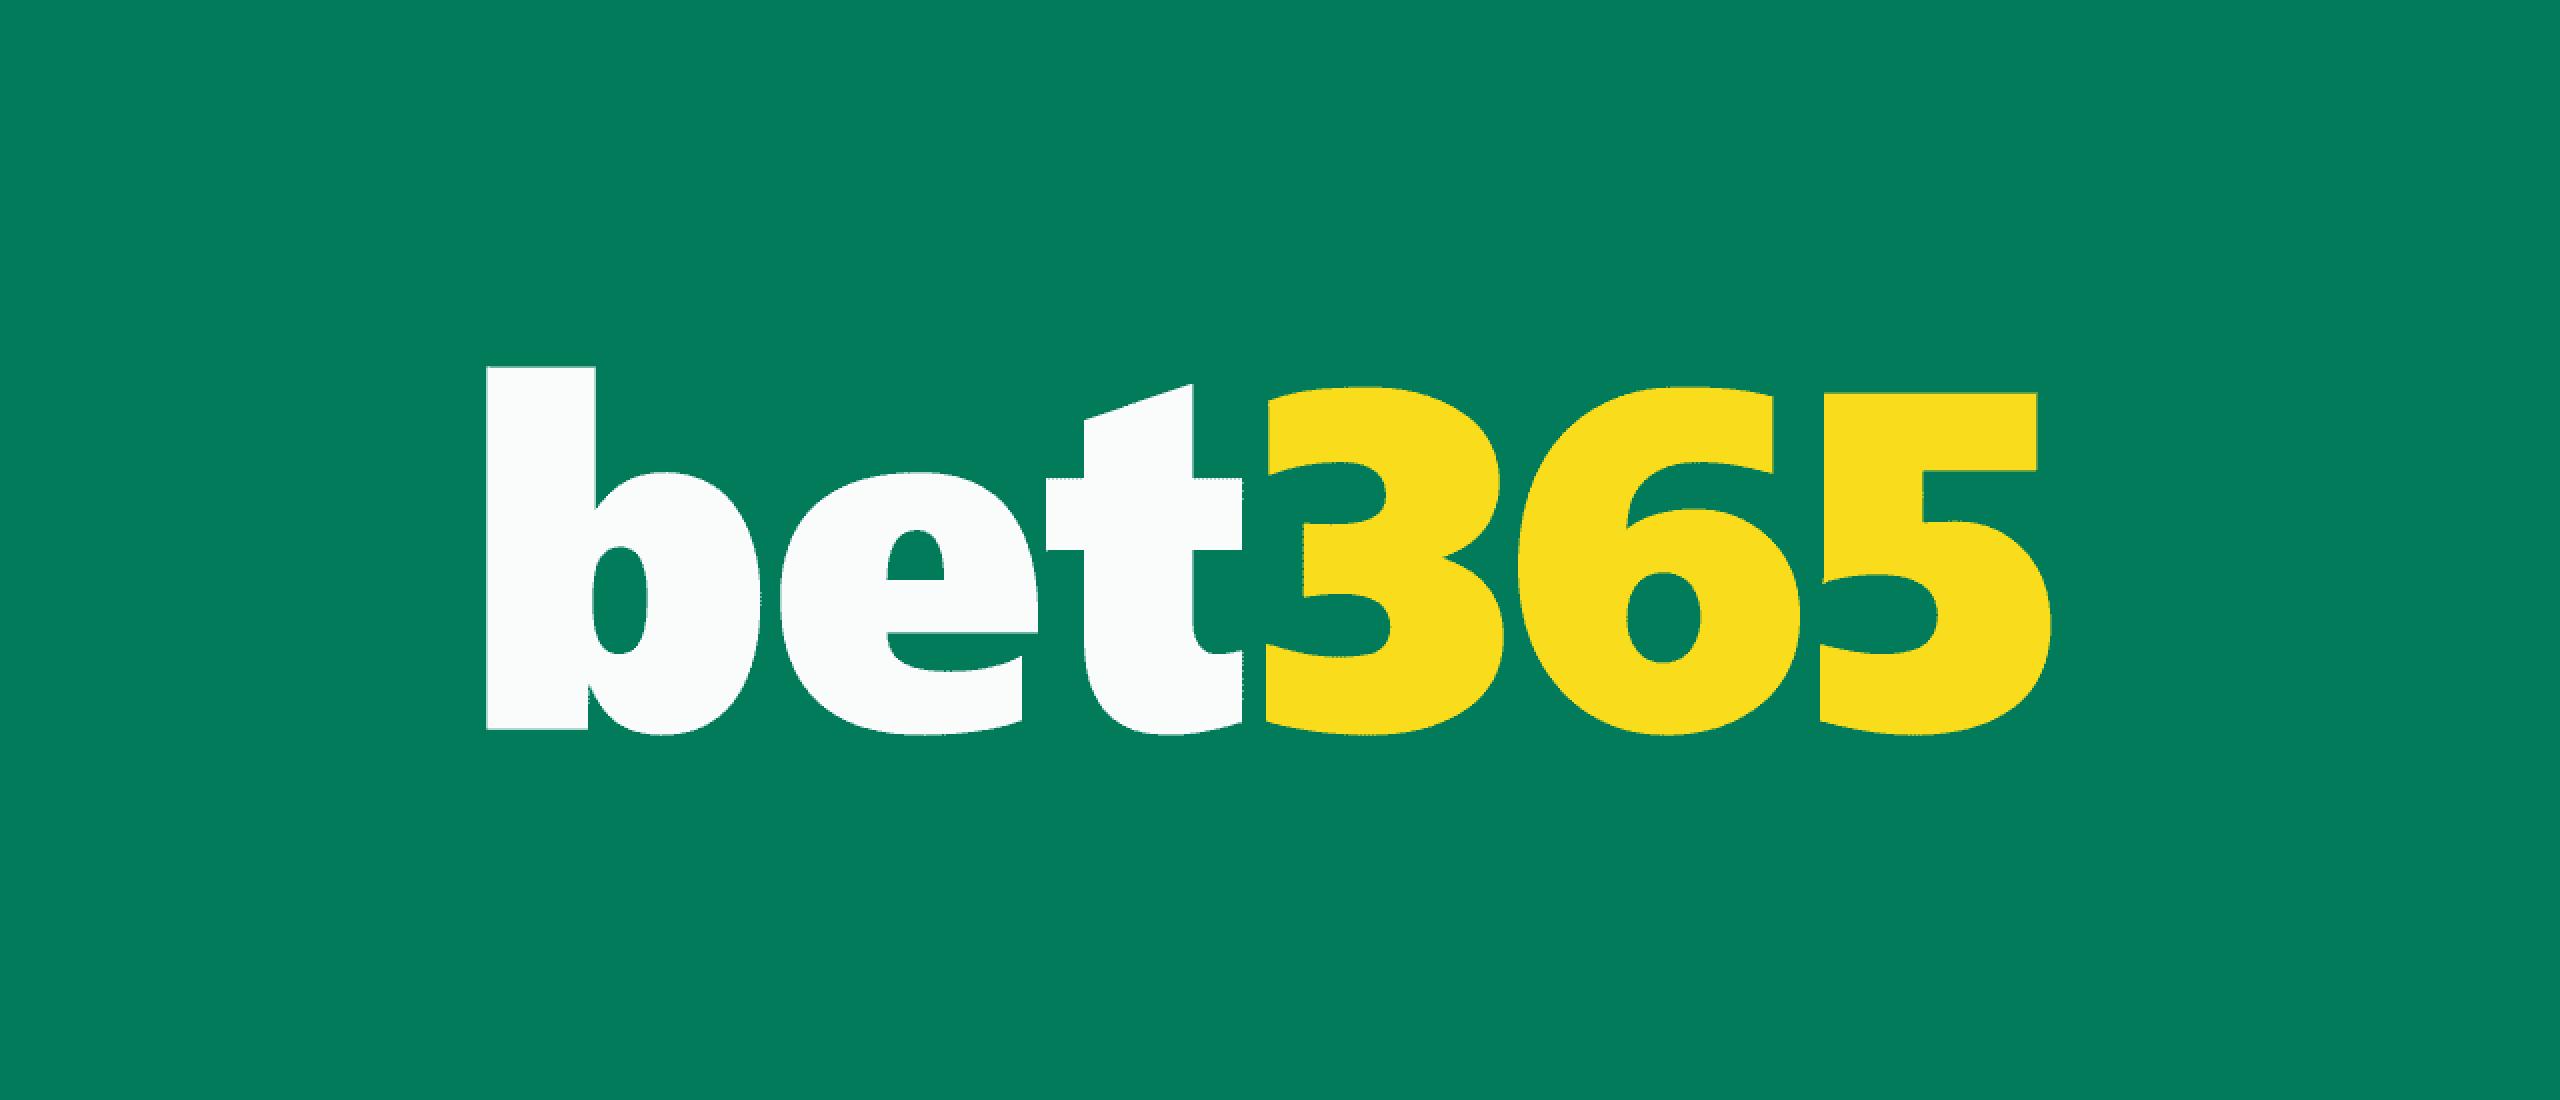 Bet365 Nederland: Een gokgigant tussen kleinere partijen